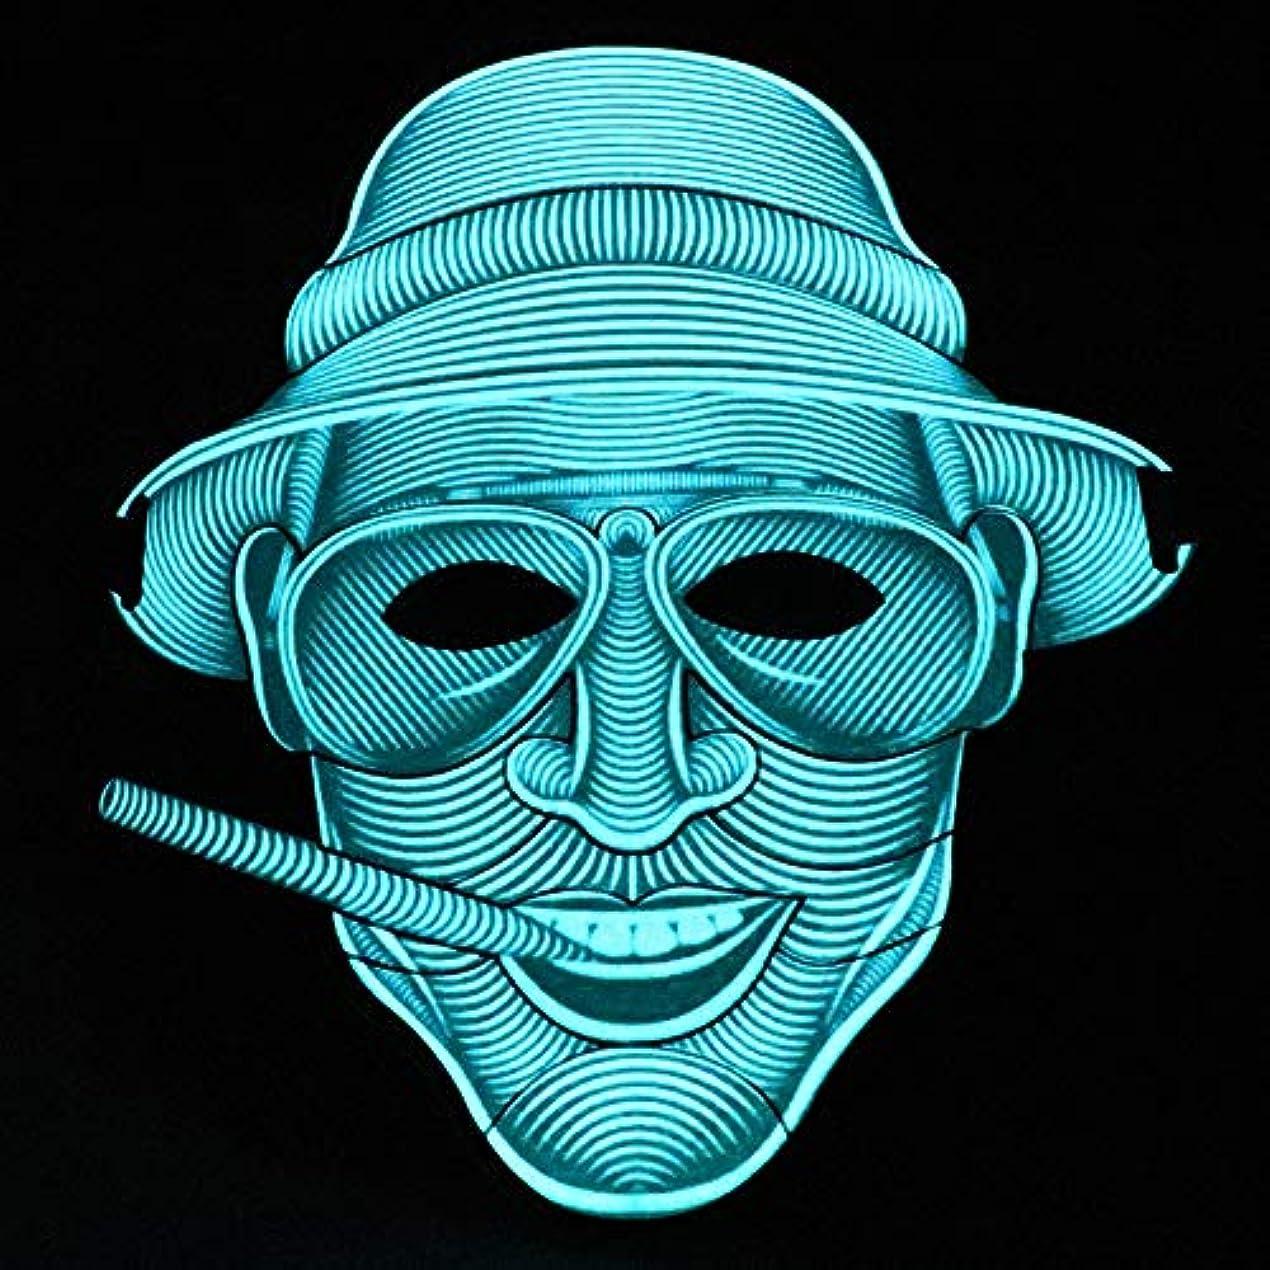 ストッキングいいね始まり照らされたマスクLED創造的な冷光音響制御マスクハロウィンバーフェスティバルダンスマスク (Color : #13)